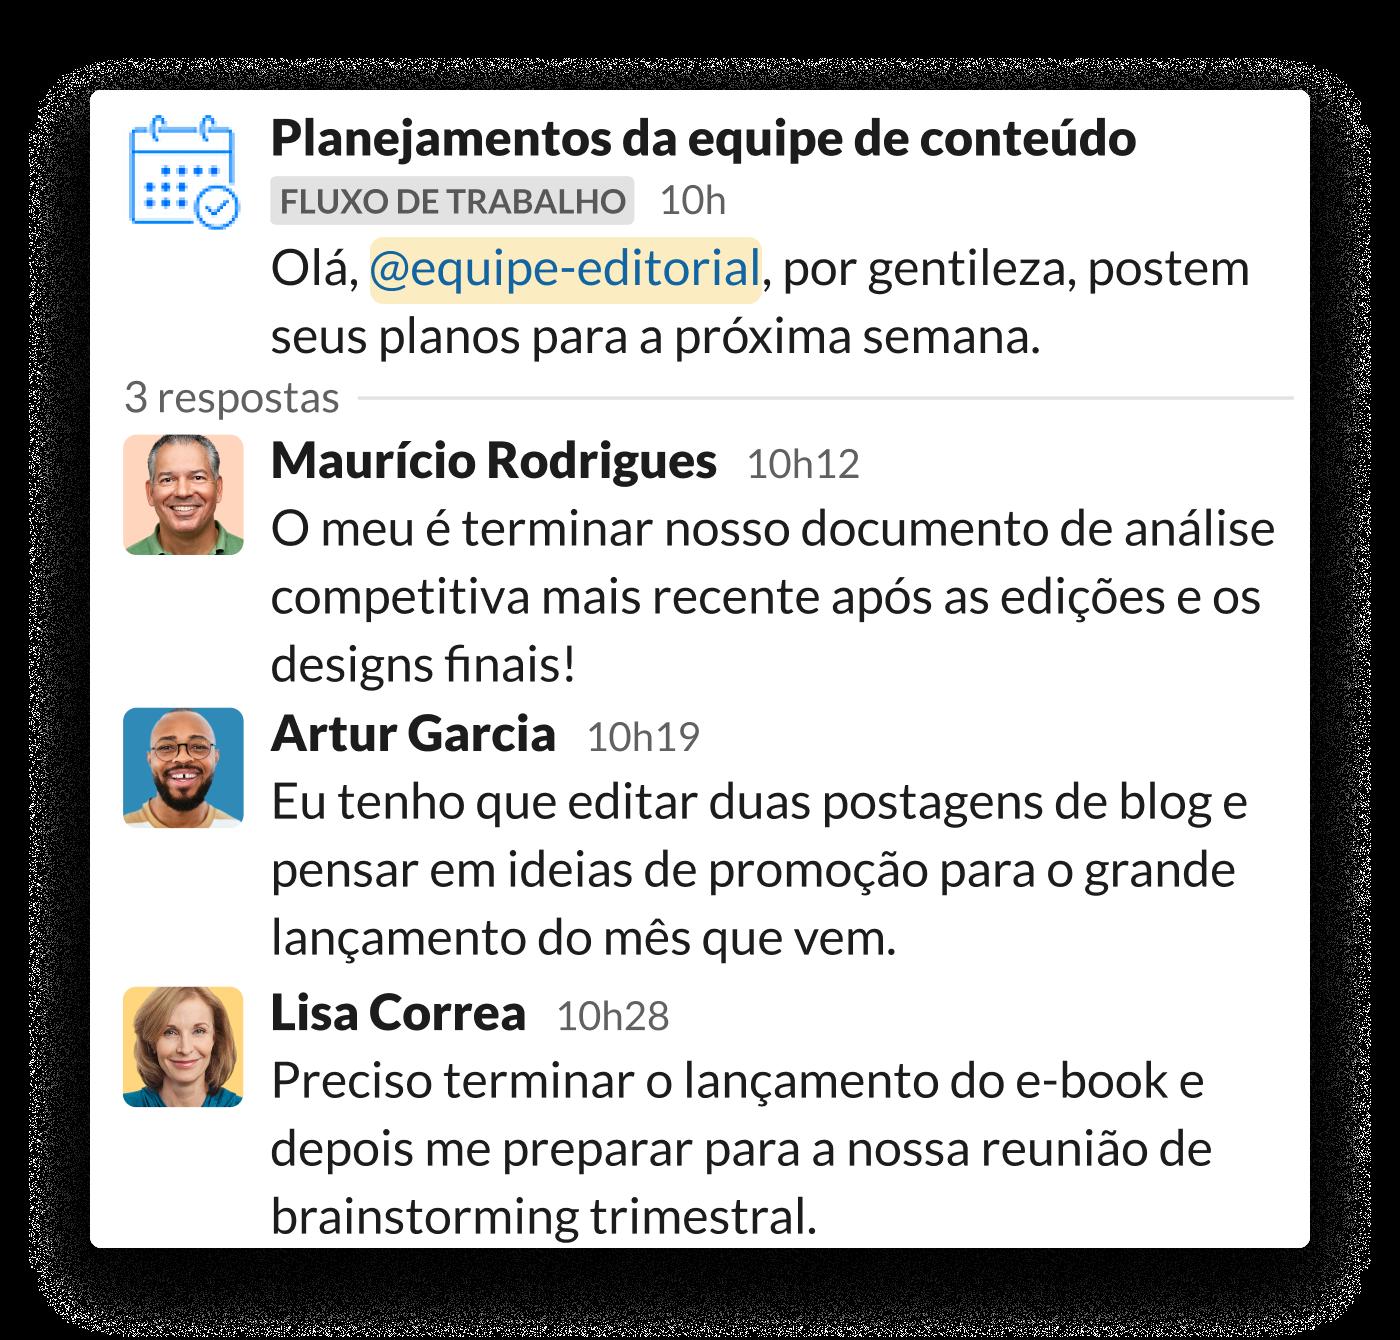 Uma equipe de marketing de conteúdo compartilha metas diárias na conversa no Slack, após um aviso do criador de fluxo de trabalho